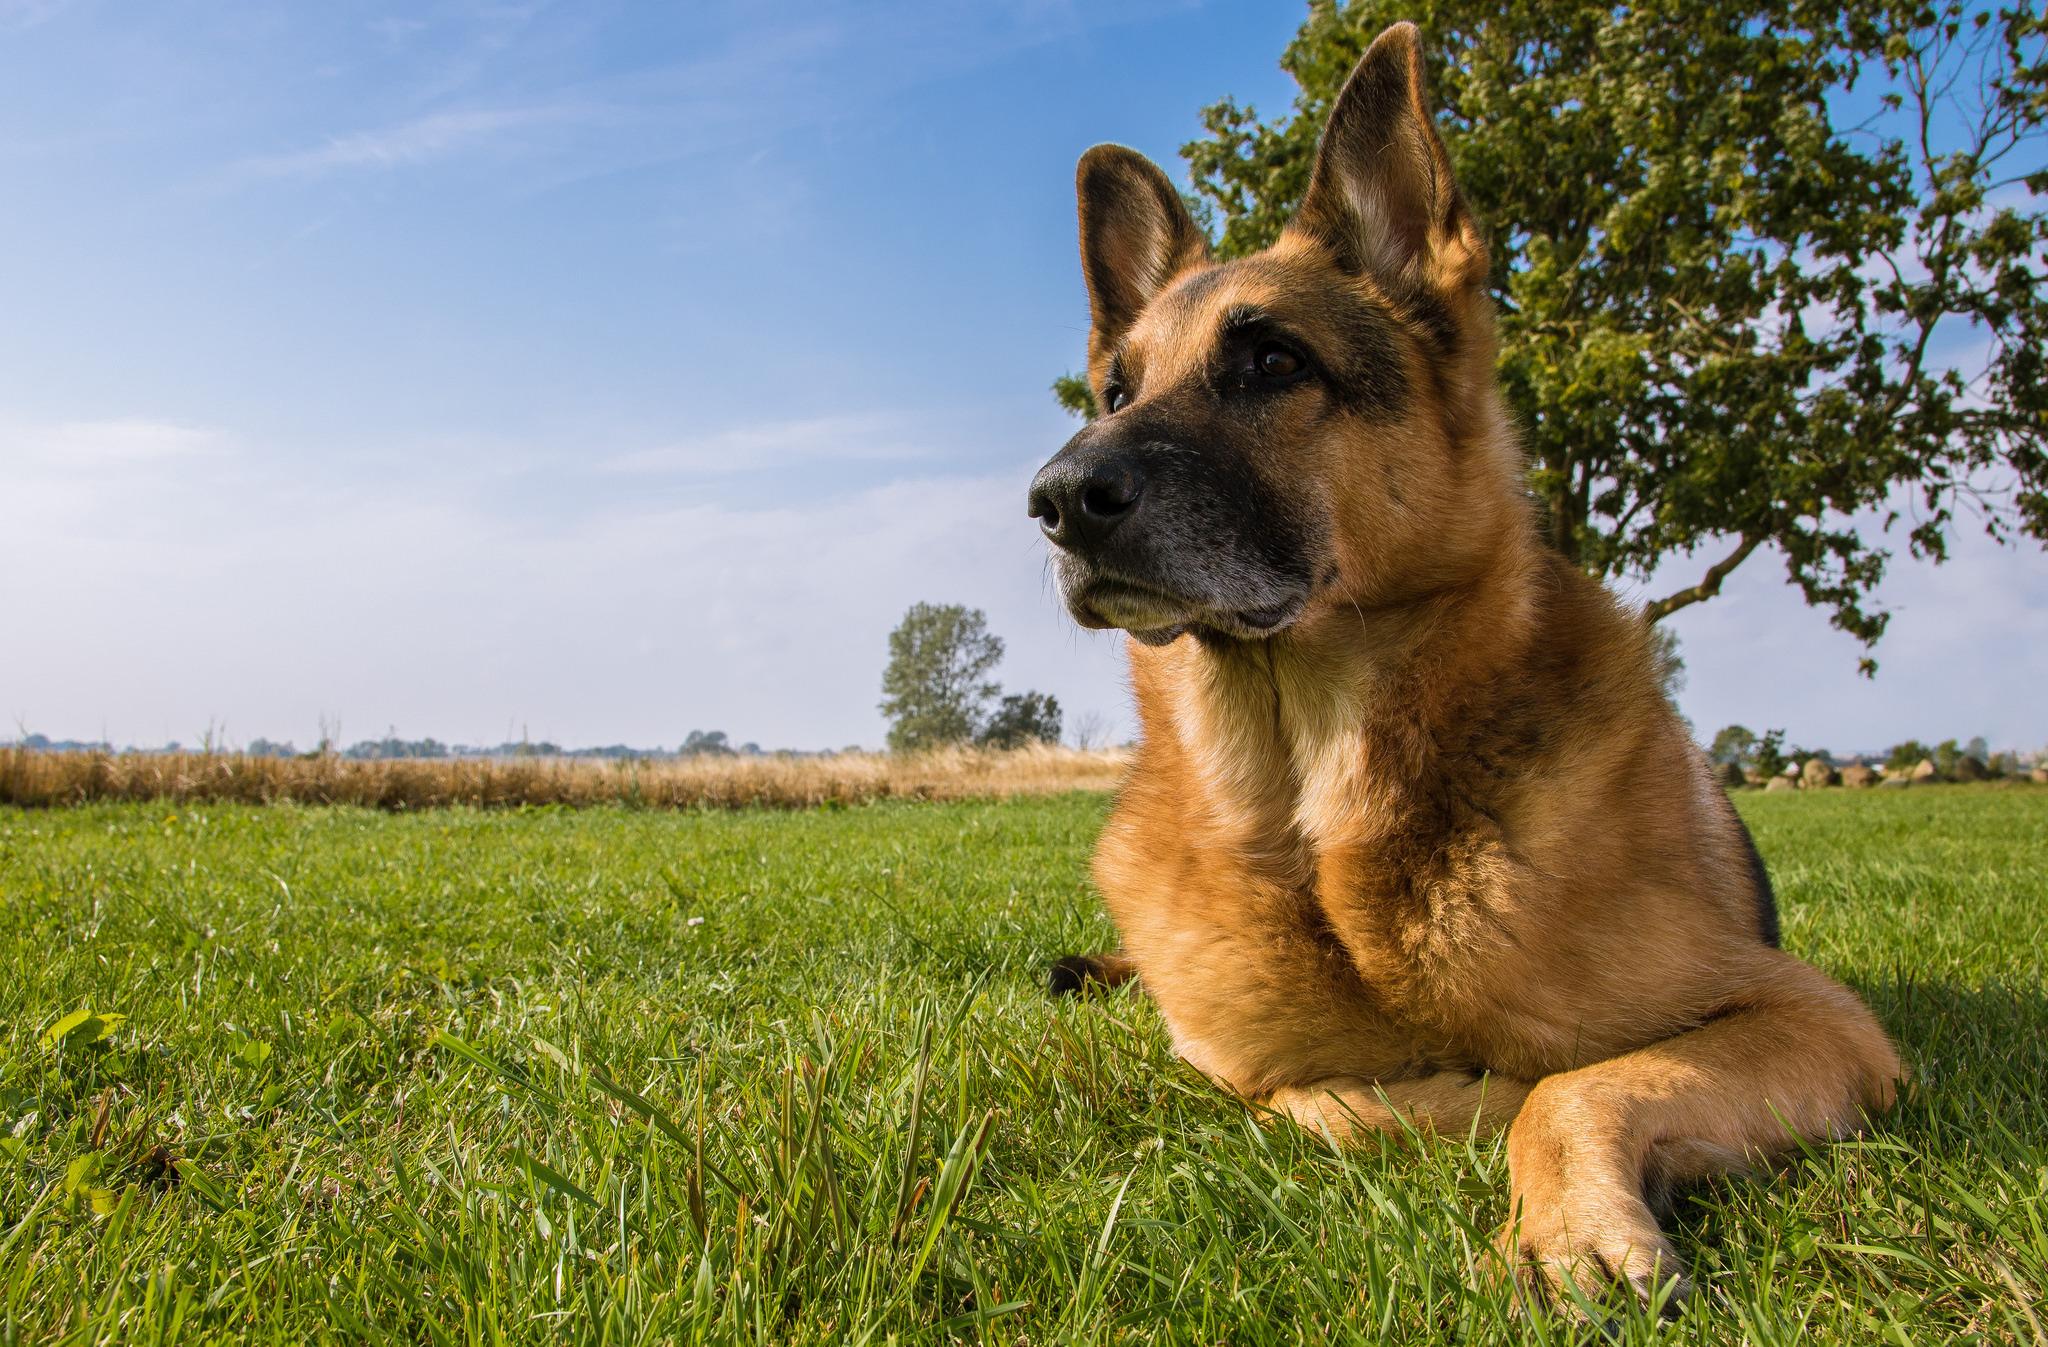 [48+] German Shepherd Wallpaper and Screensavers on ...